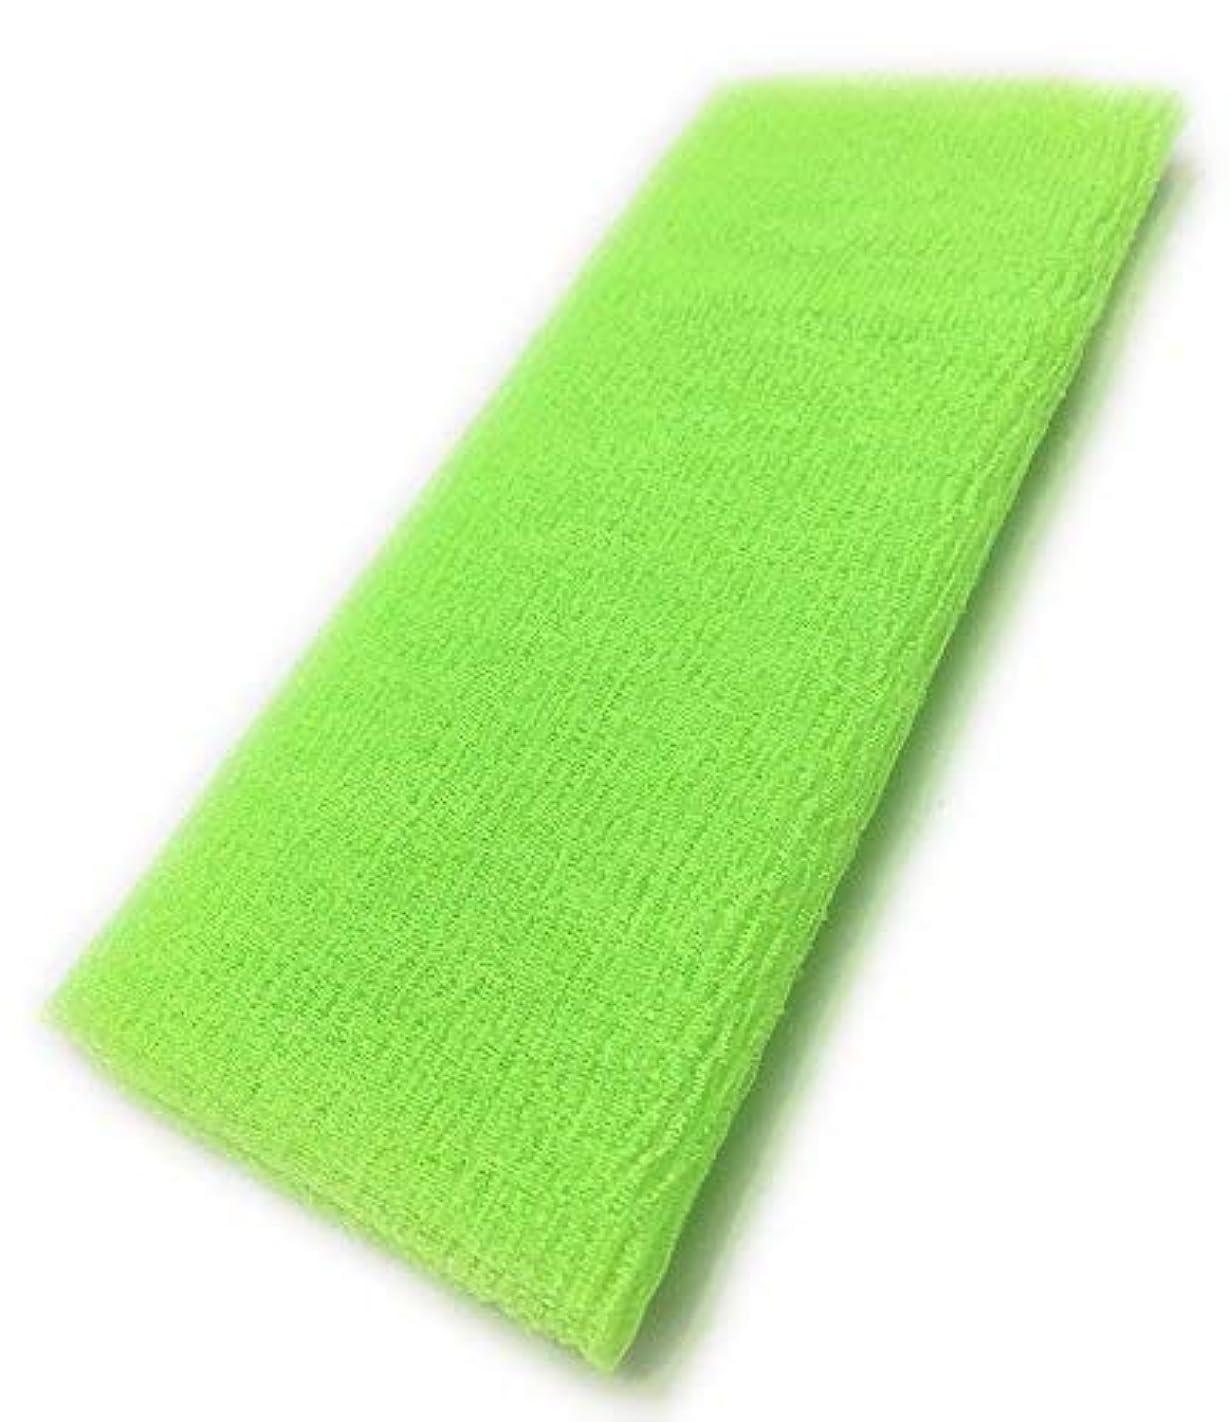 安定しました線マイルドMaltose あかすりタオル ボディタオル ロング 体洗いタオル 浴用タオル やわらか 泡立ち 背中 お風呂用 メンズ 垢すり (グリーン)